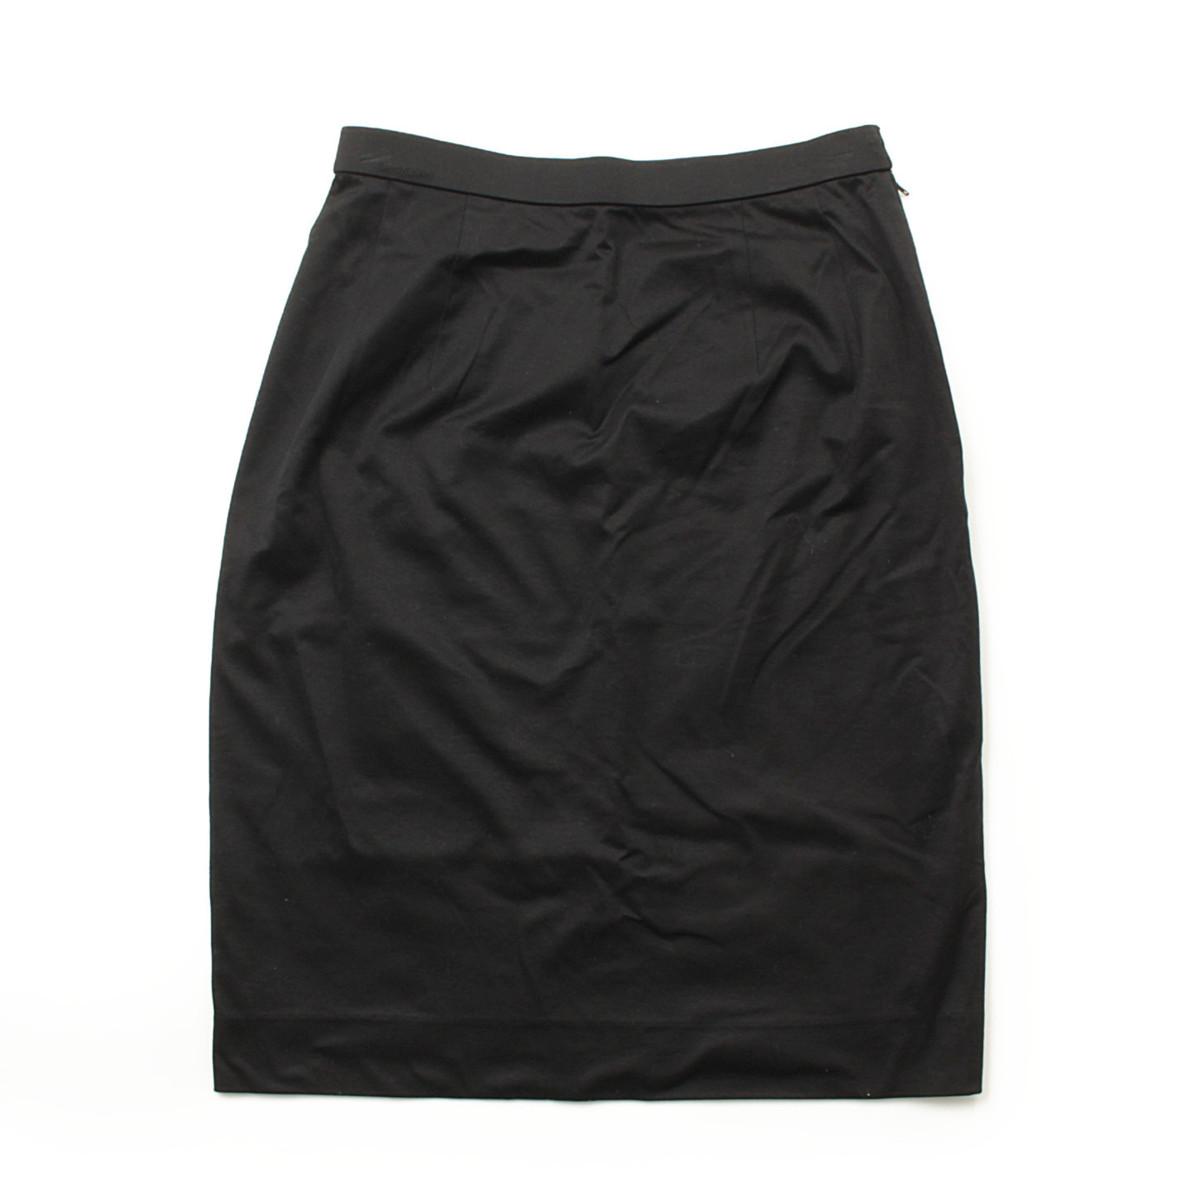 【レオナール】LEONARD ストレッチ スカート ブラック 70 【中古】【鑑定済・正規品保証】【送料無料】38479